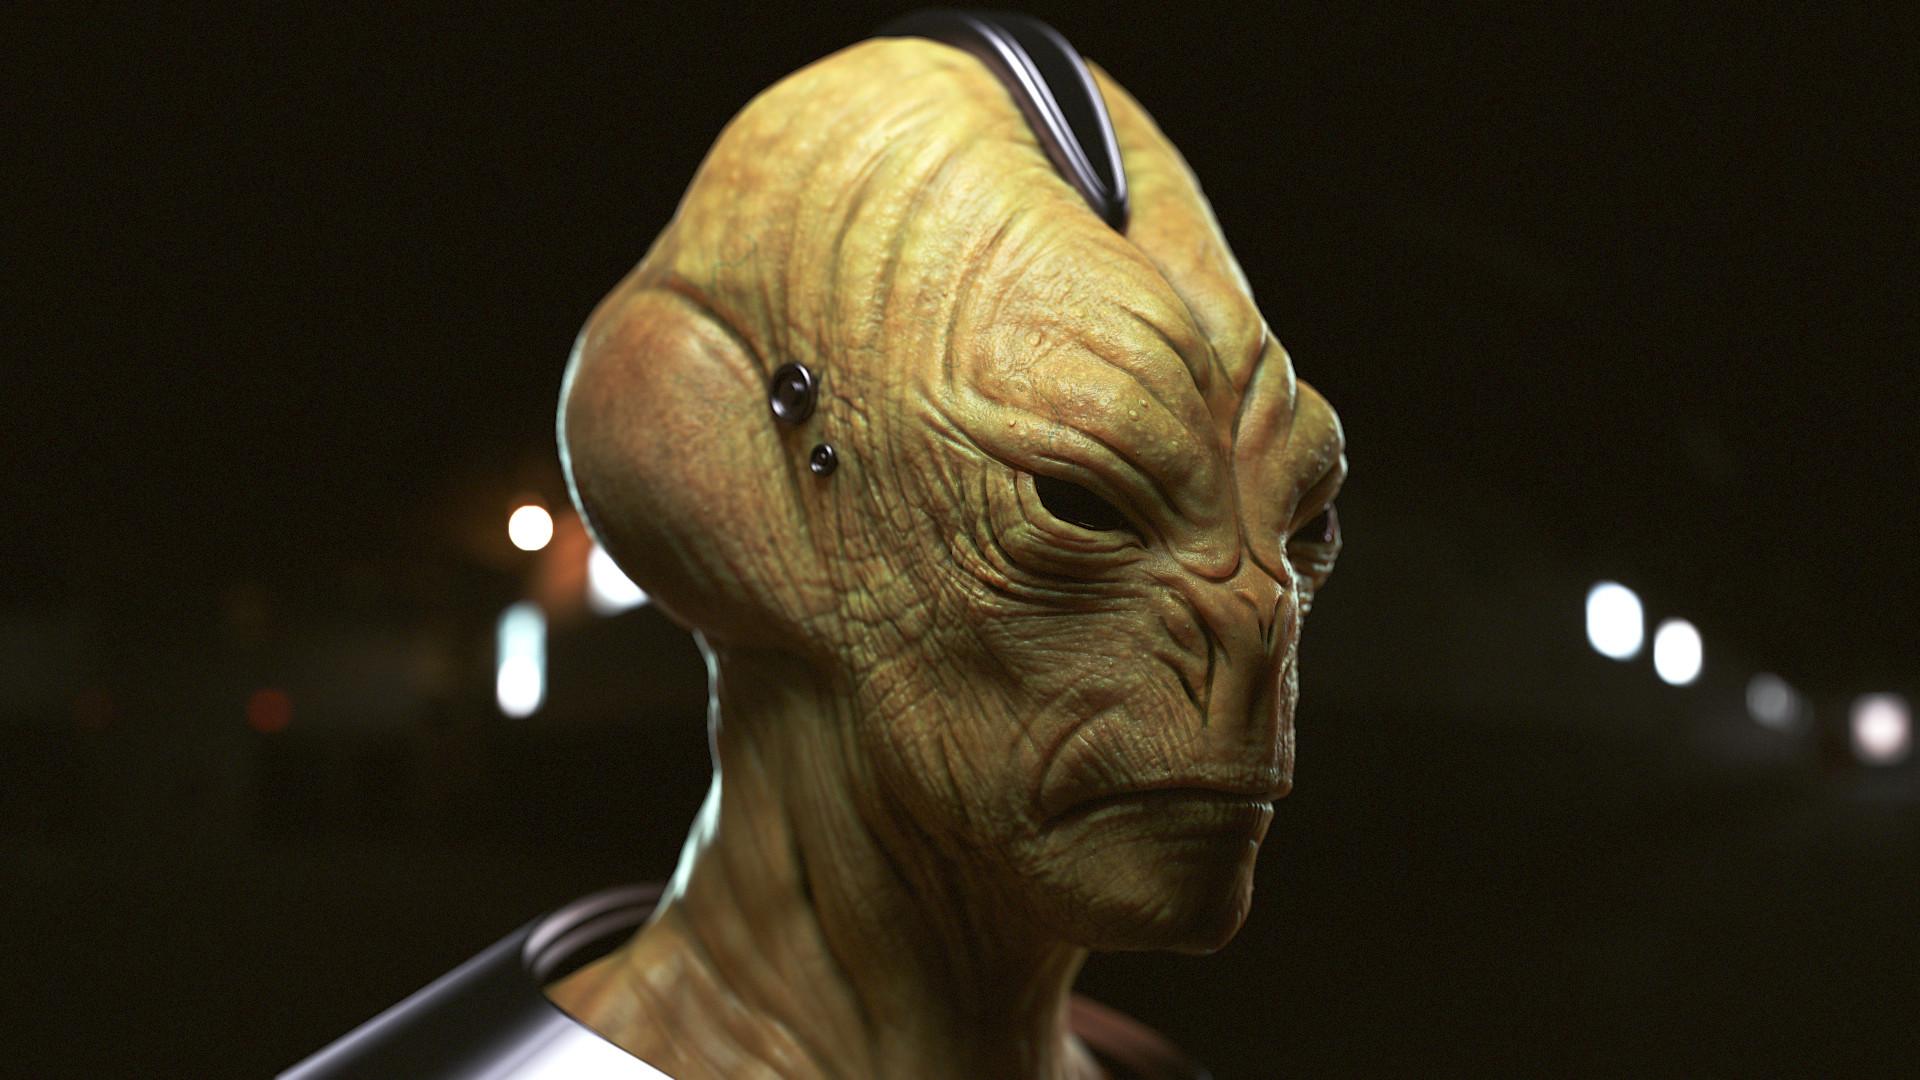 Ilhan yilmaz alien v03 21 comprender 235